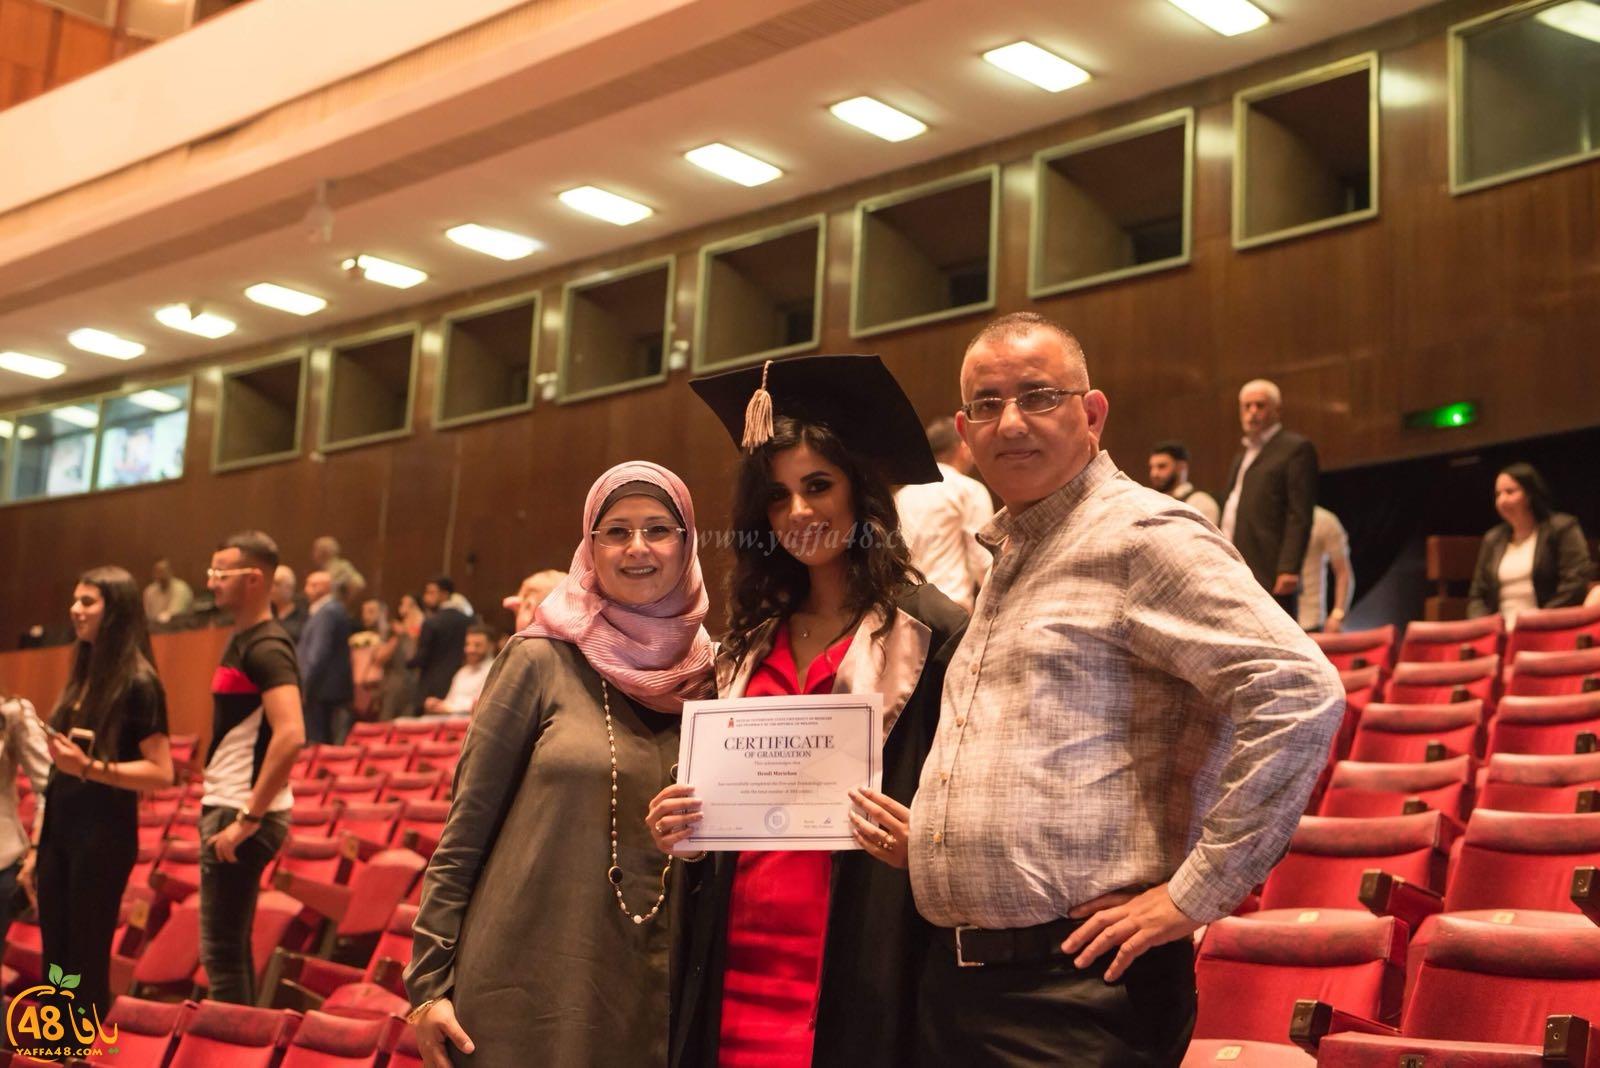 مبروك: طبيبة الاسنان اللداوية مريهان سعيد الهندي تجتاز امتحان الدولة بنجاح